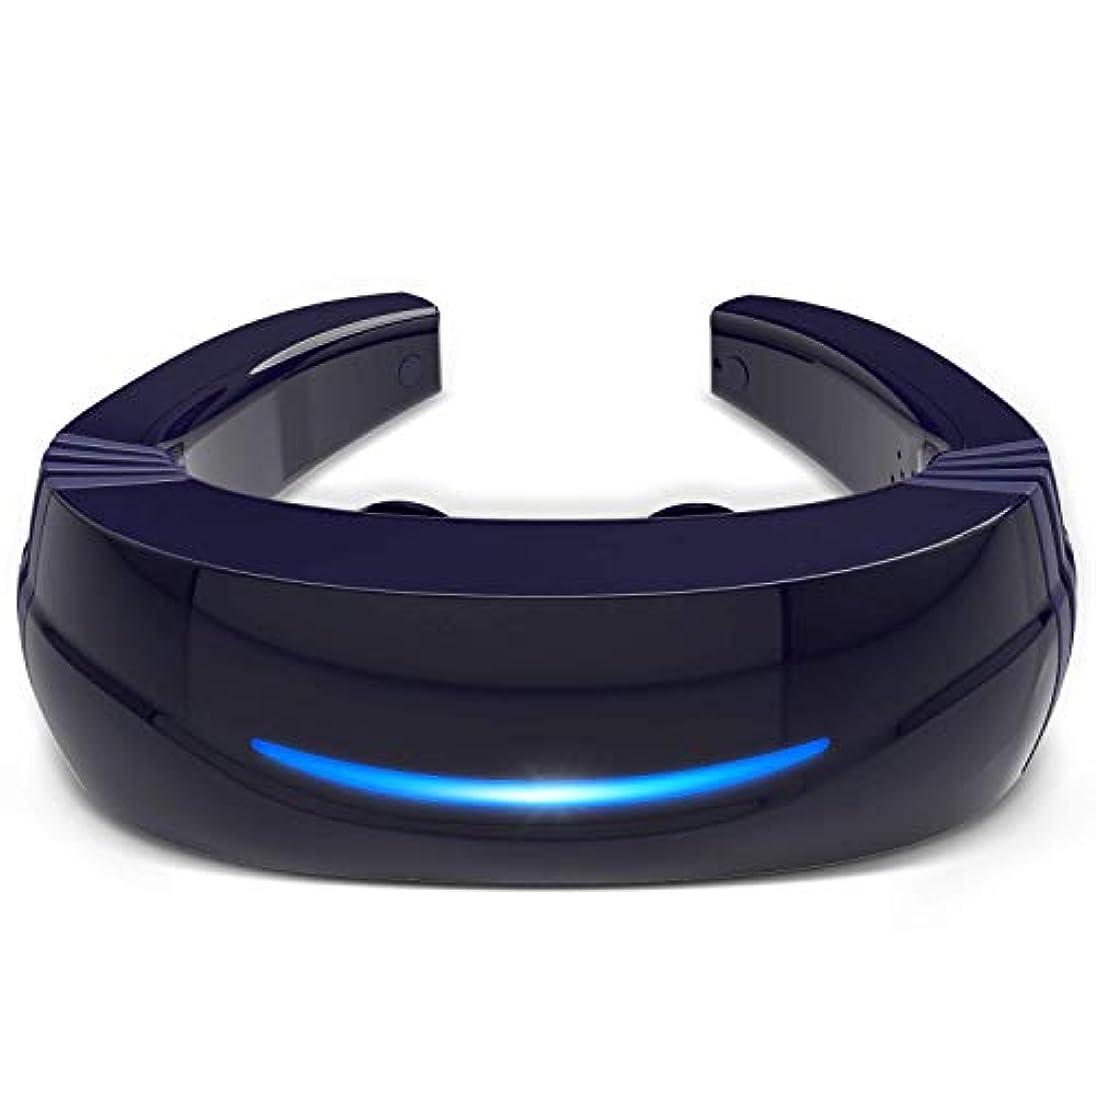 アクロバット根絶する特別にHipoo ネックマッサージャー 首マッサージ 低周波 マッサージ器 ストレス解消 USB充電式 日本語説明書 電極パッド2つ付き 音声式